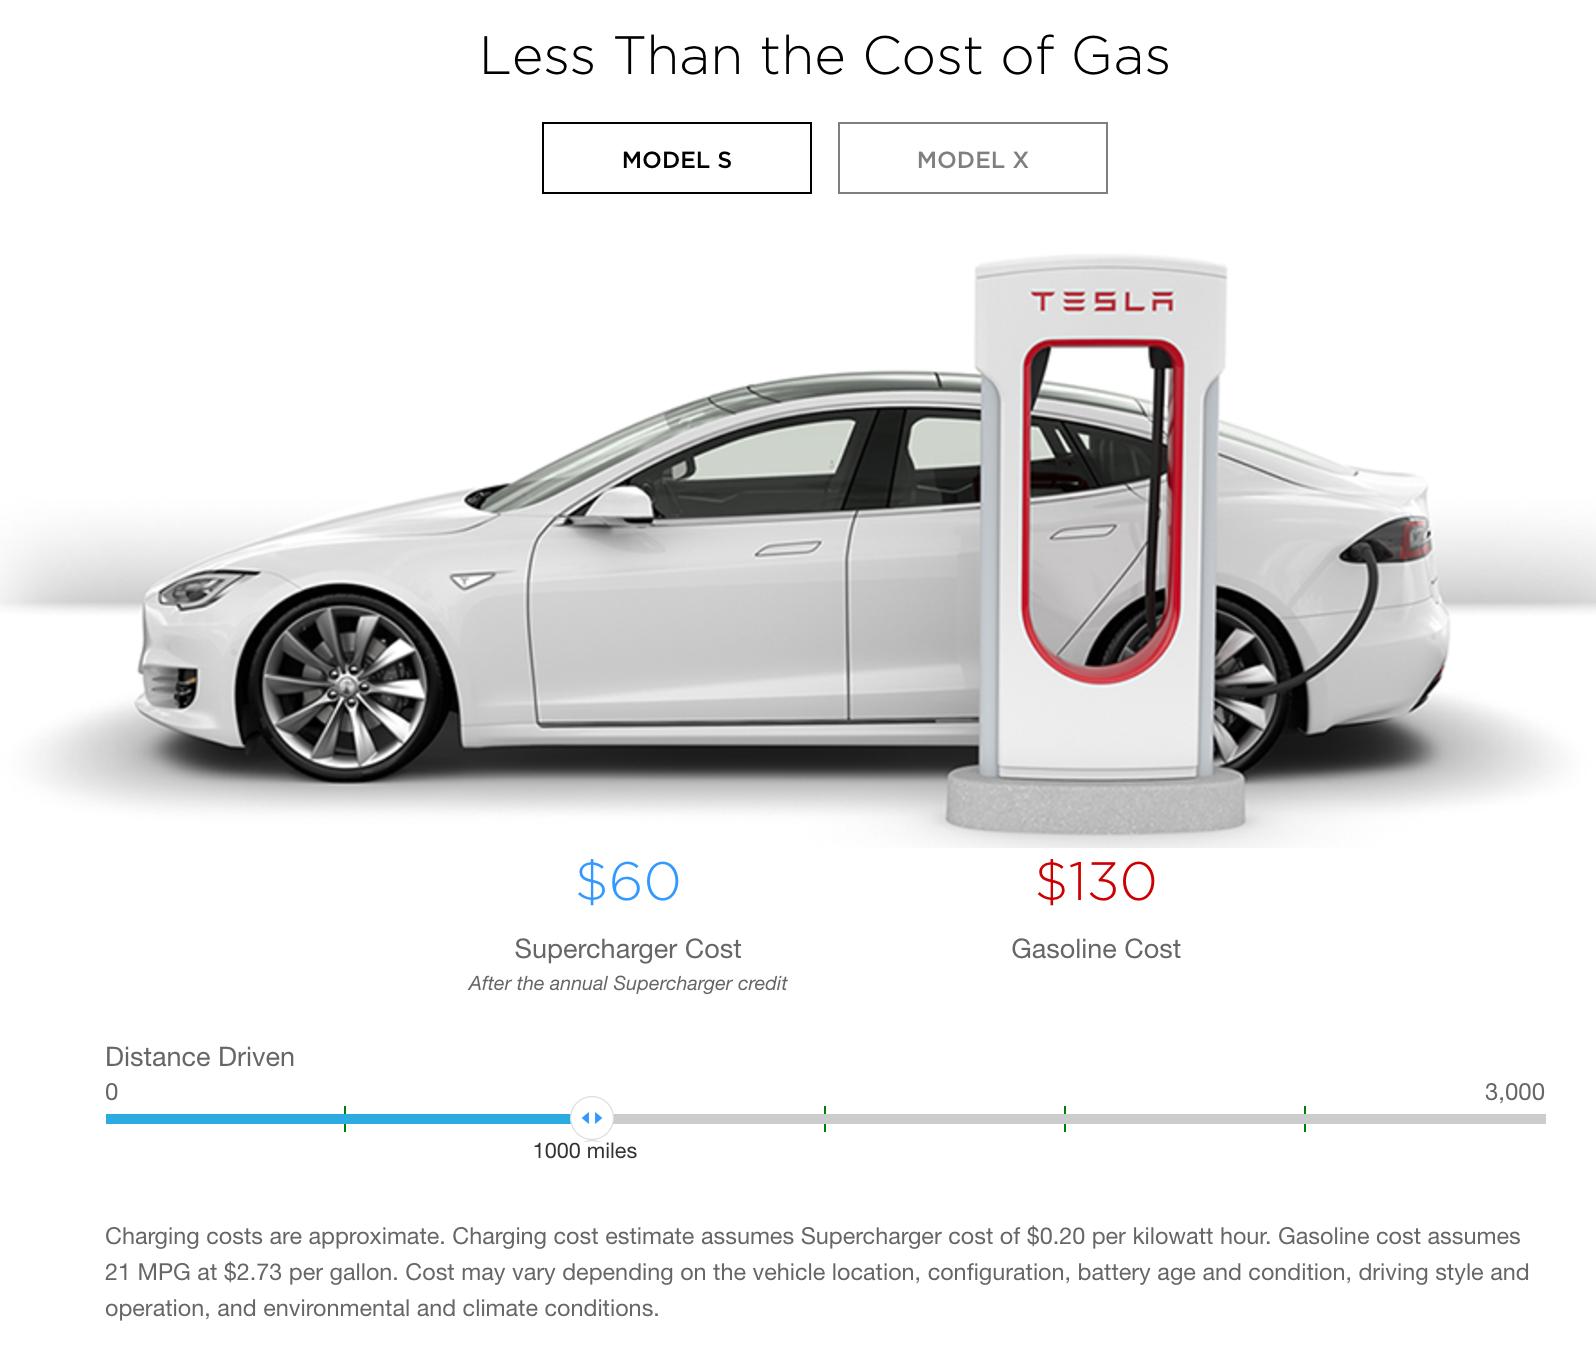 Tesla charging fee